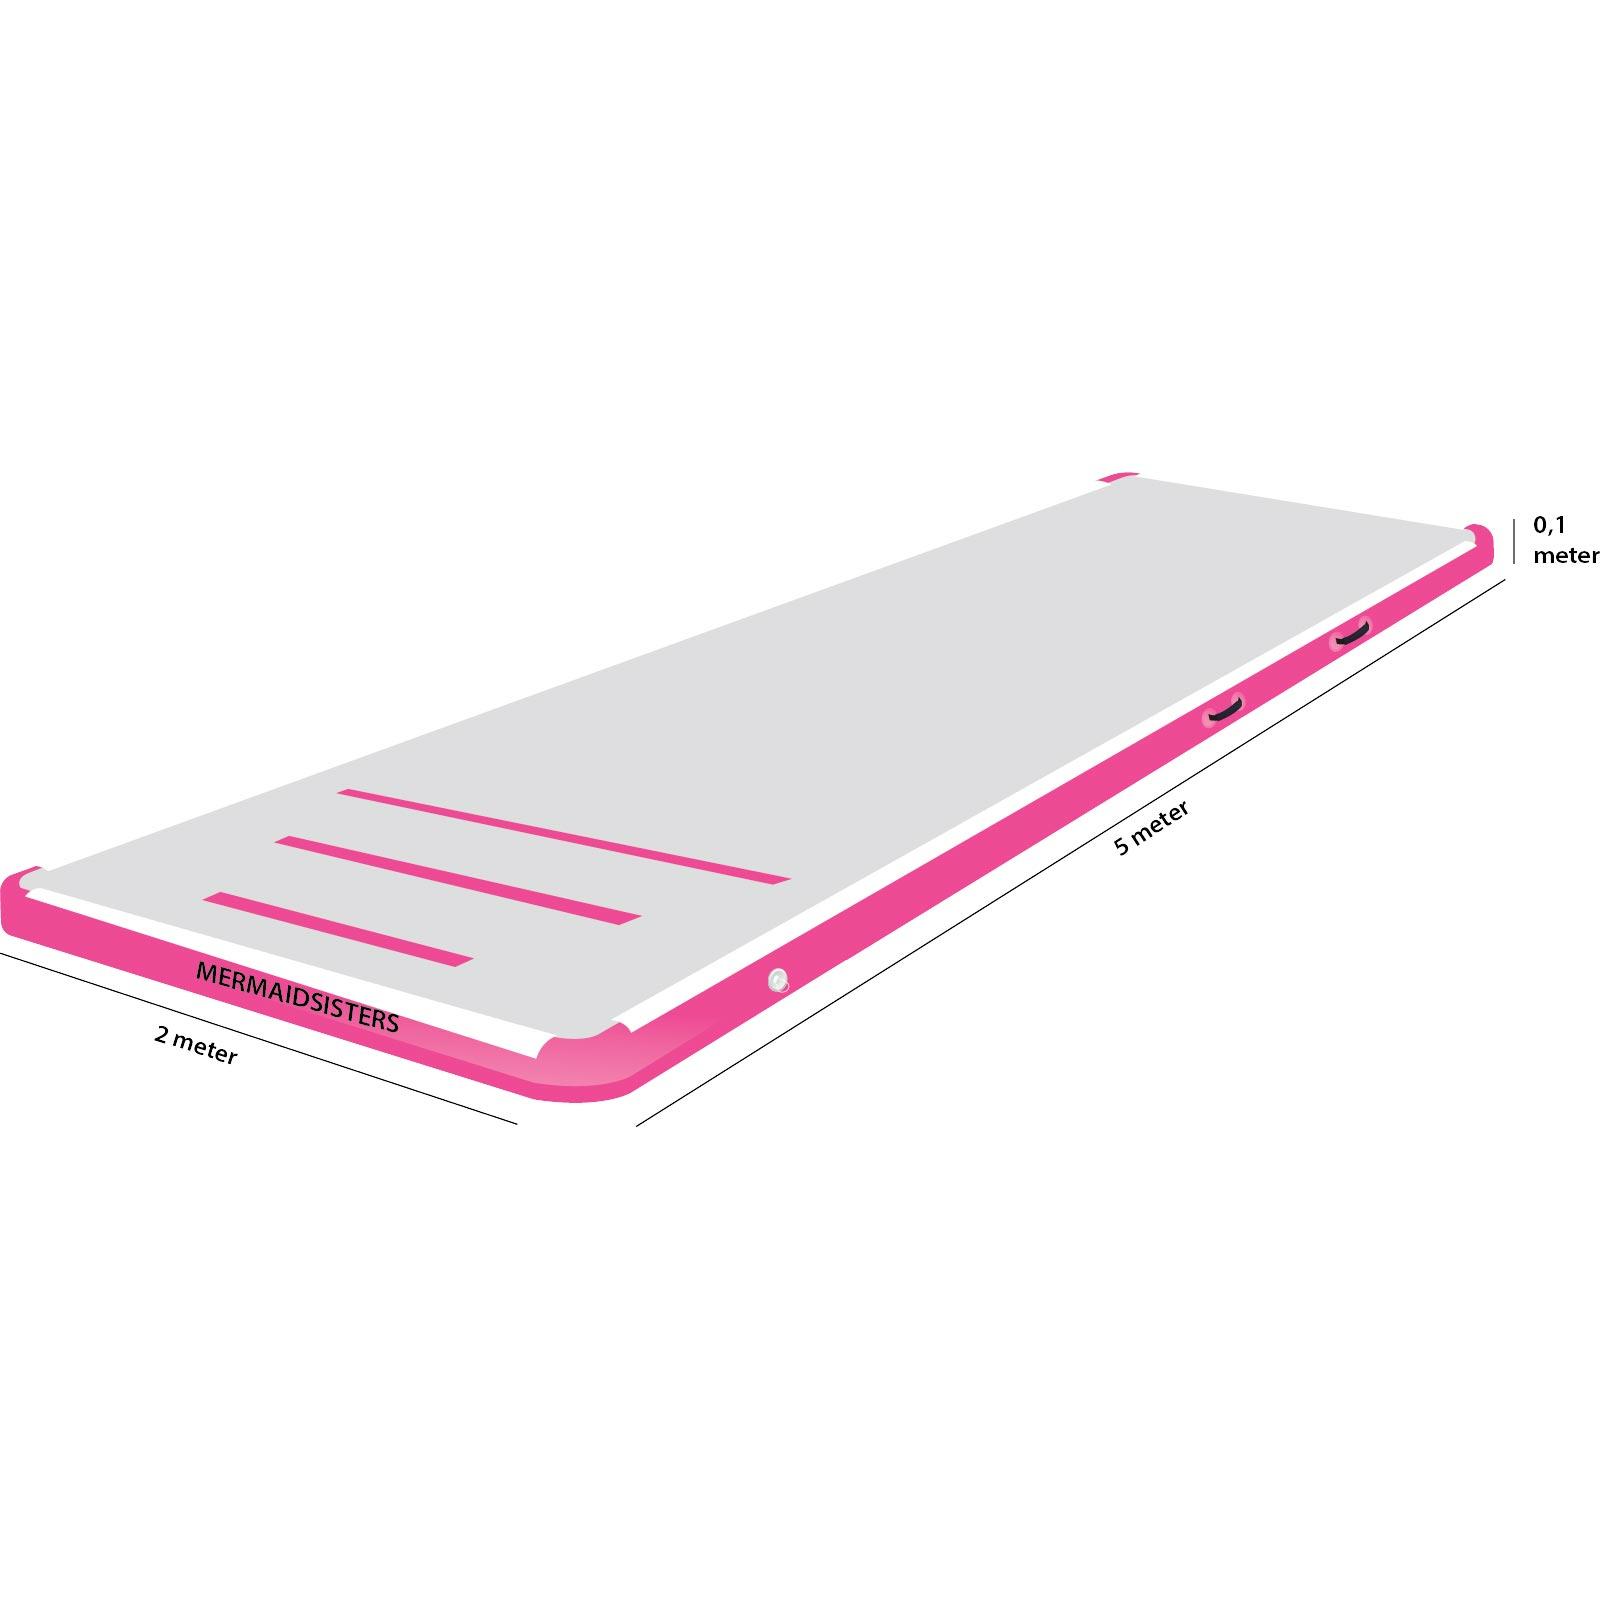 AirTrack 5 meter roze 2 meter breed 10 cm hoog